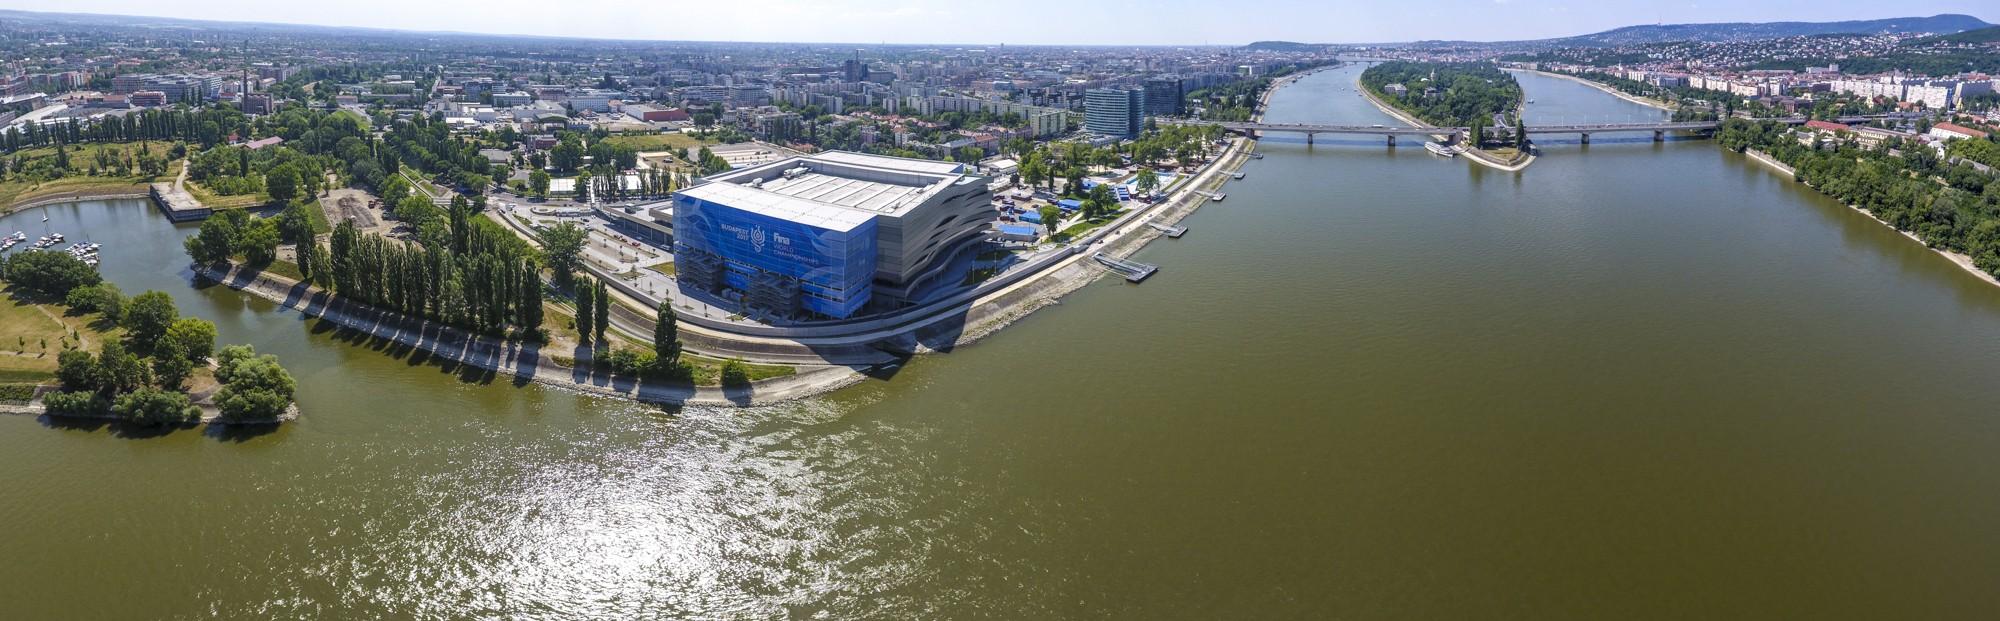 Soha nem látott lehetőséggel tudott élni Magyarország